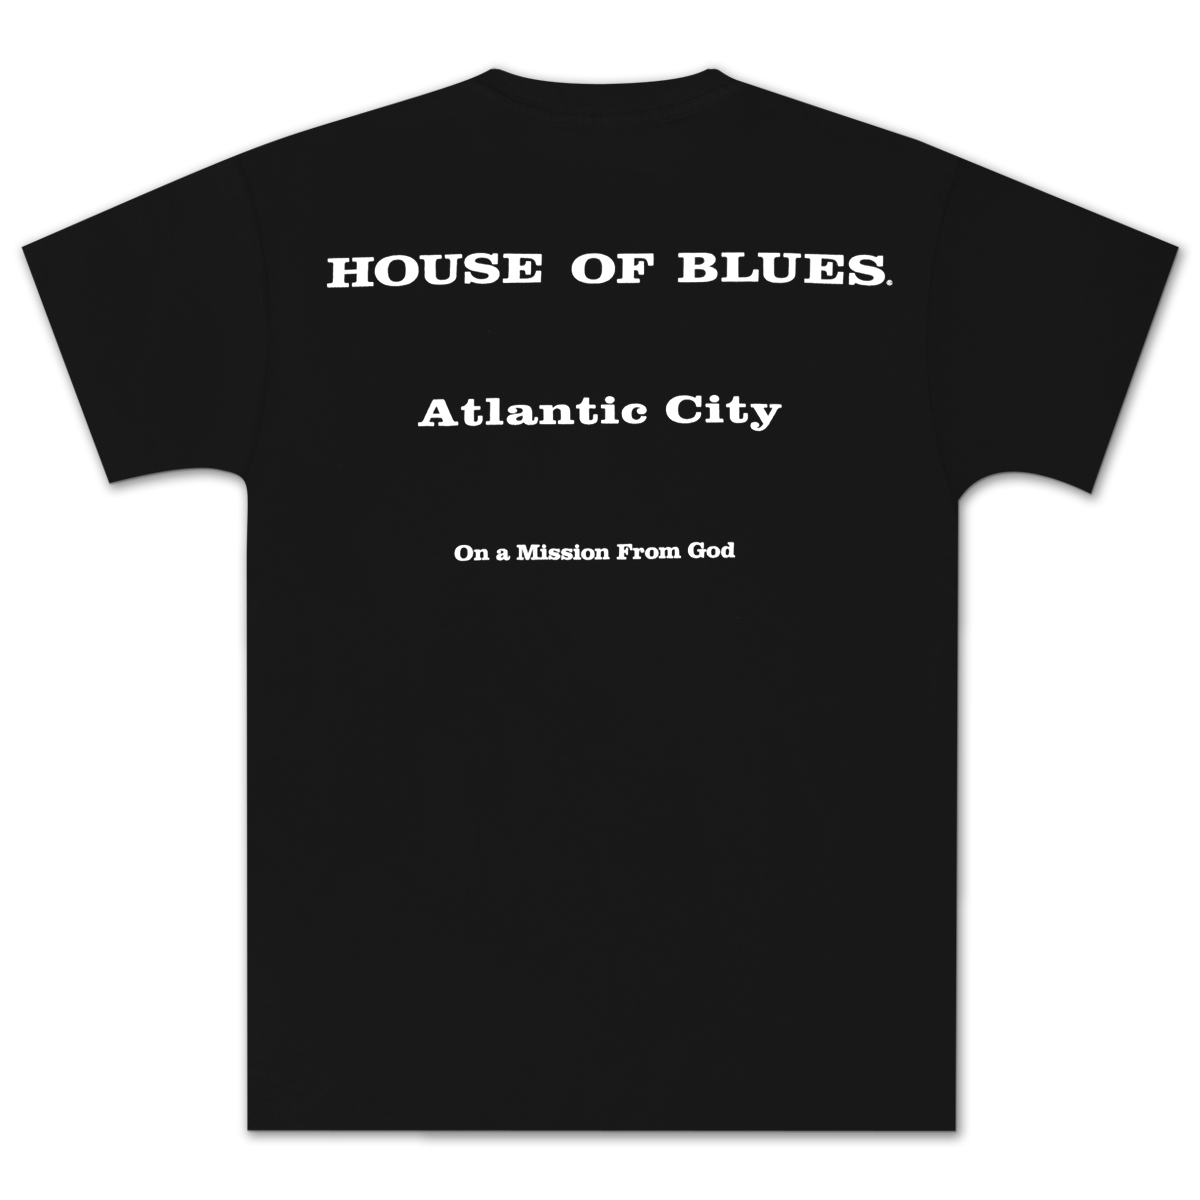 House of Blues Black J&E T-Shirt - Atlantic City